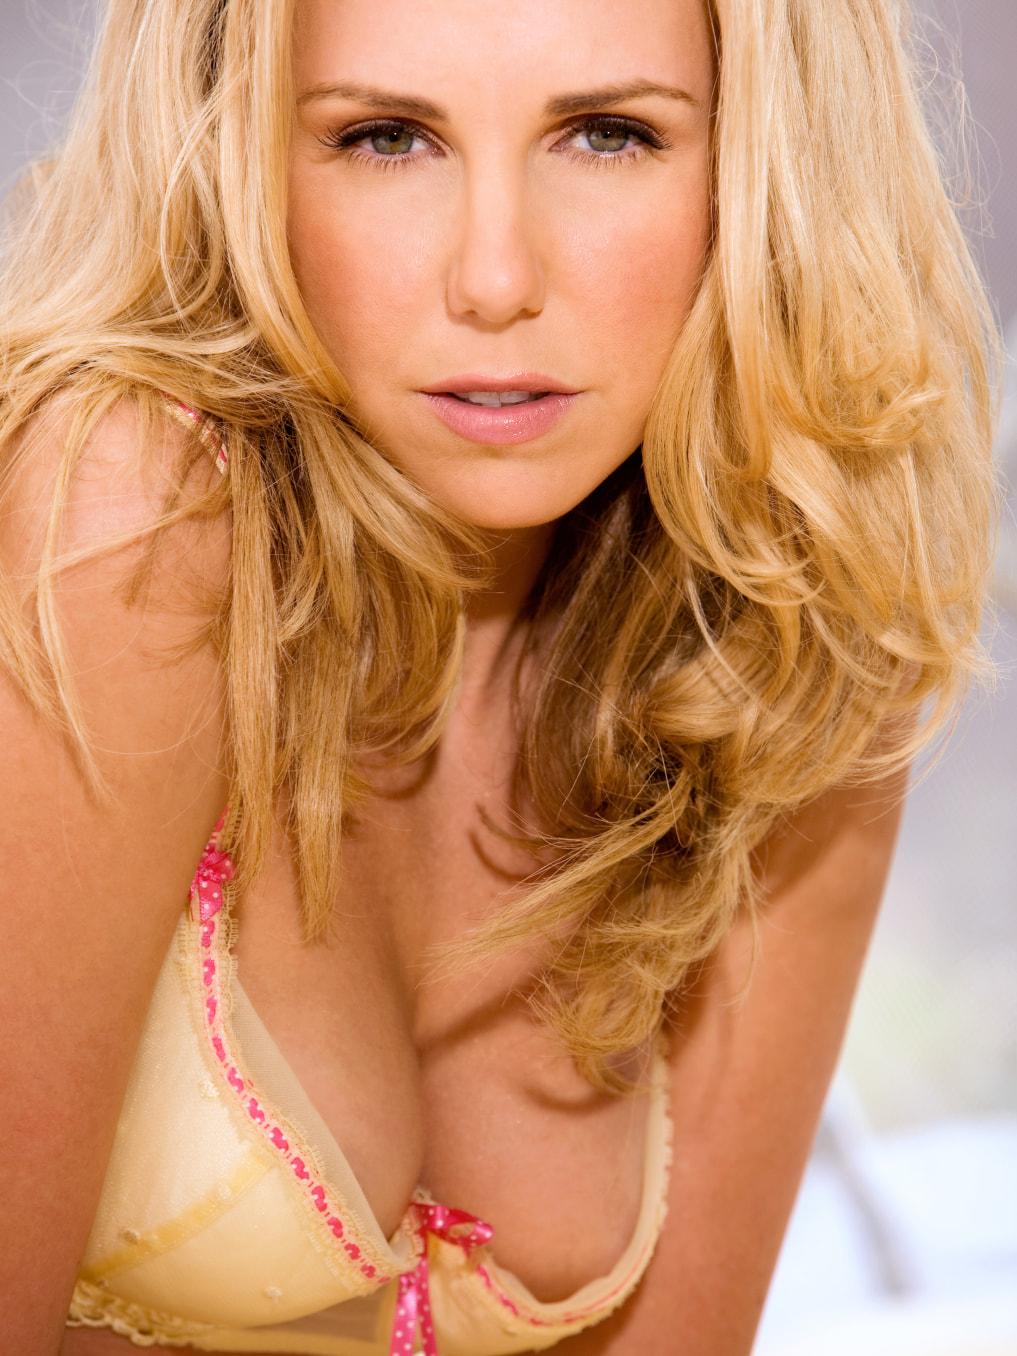 Crazy blonde slut porn tube abuse